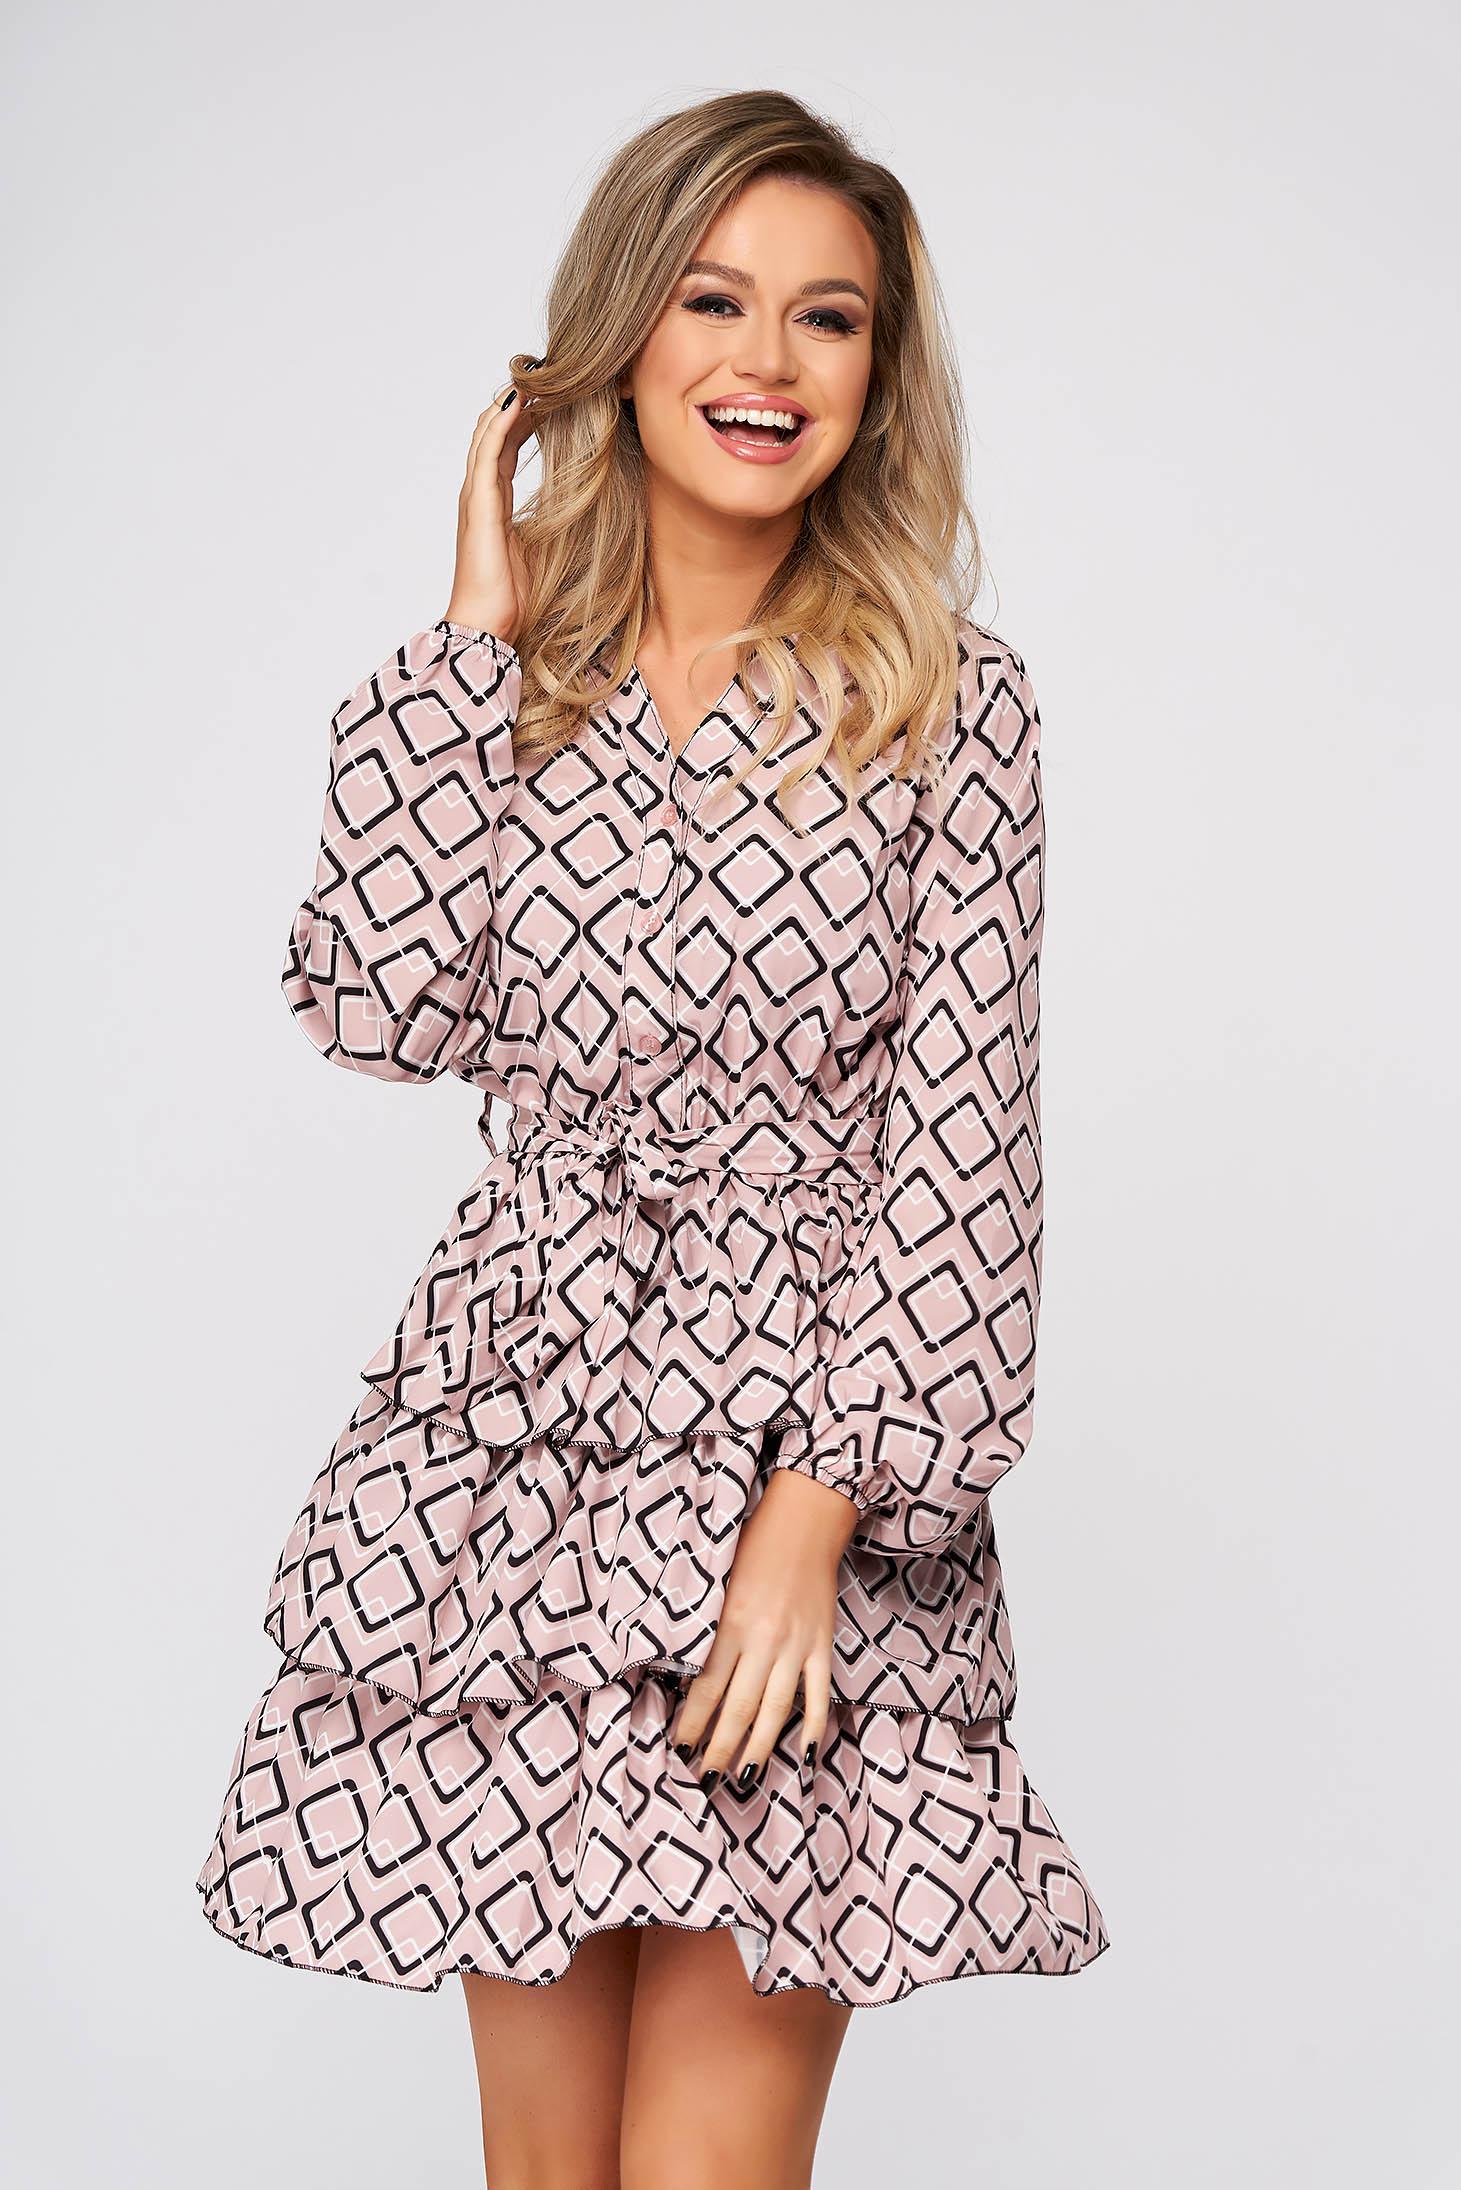 Rochie SunShine scurta de zi din material subtire cu volanase la baza rochiei